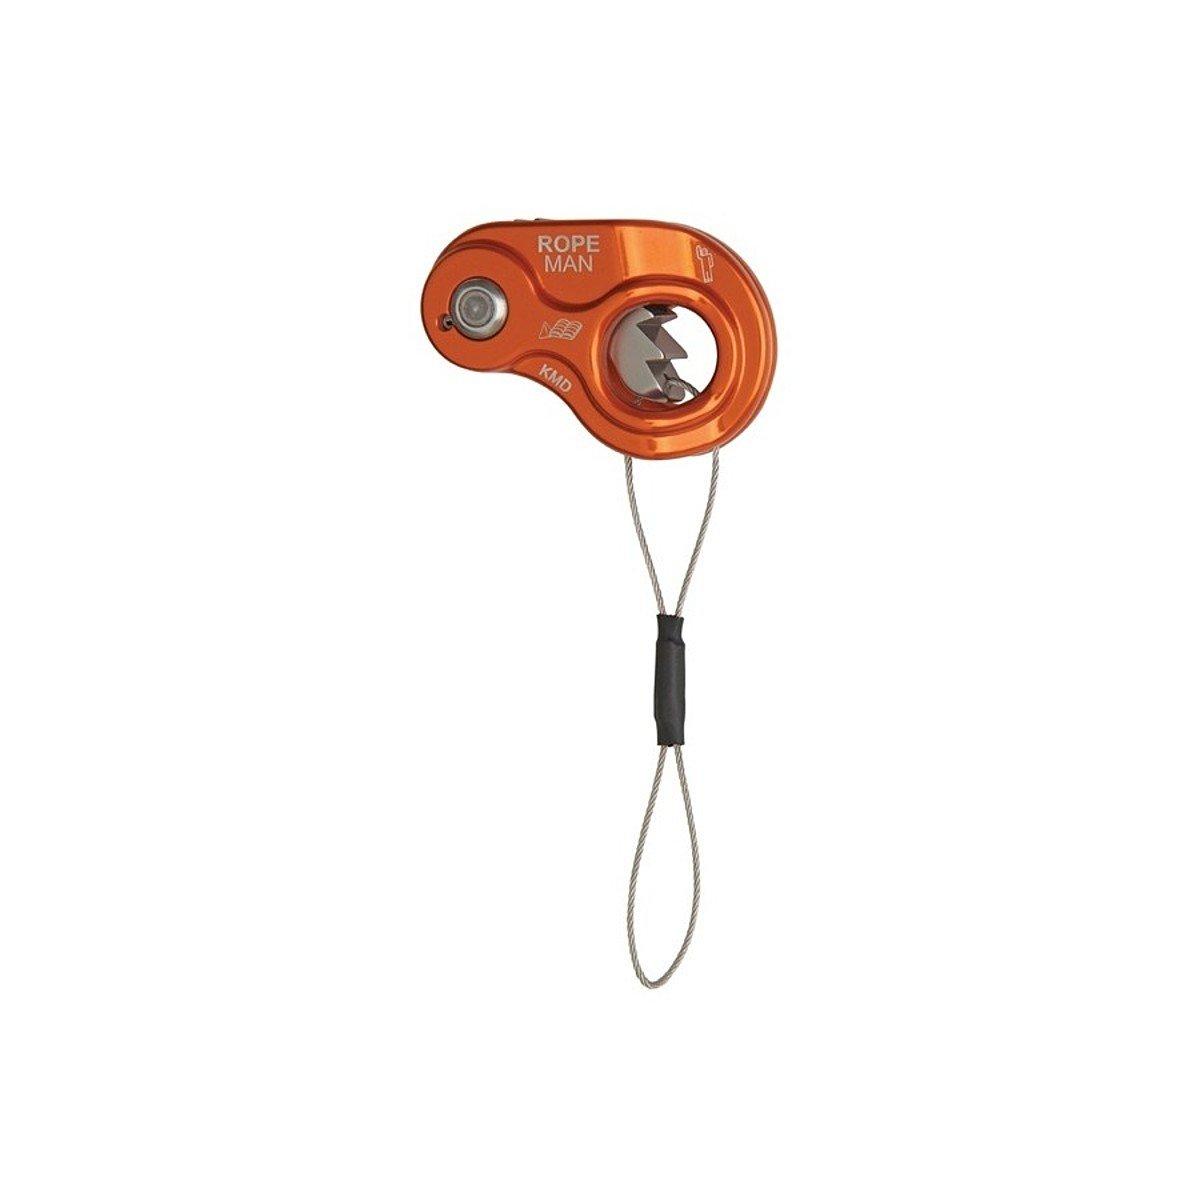 Wild Country Ropeman MK1F Ascender Orange, 10-13mm